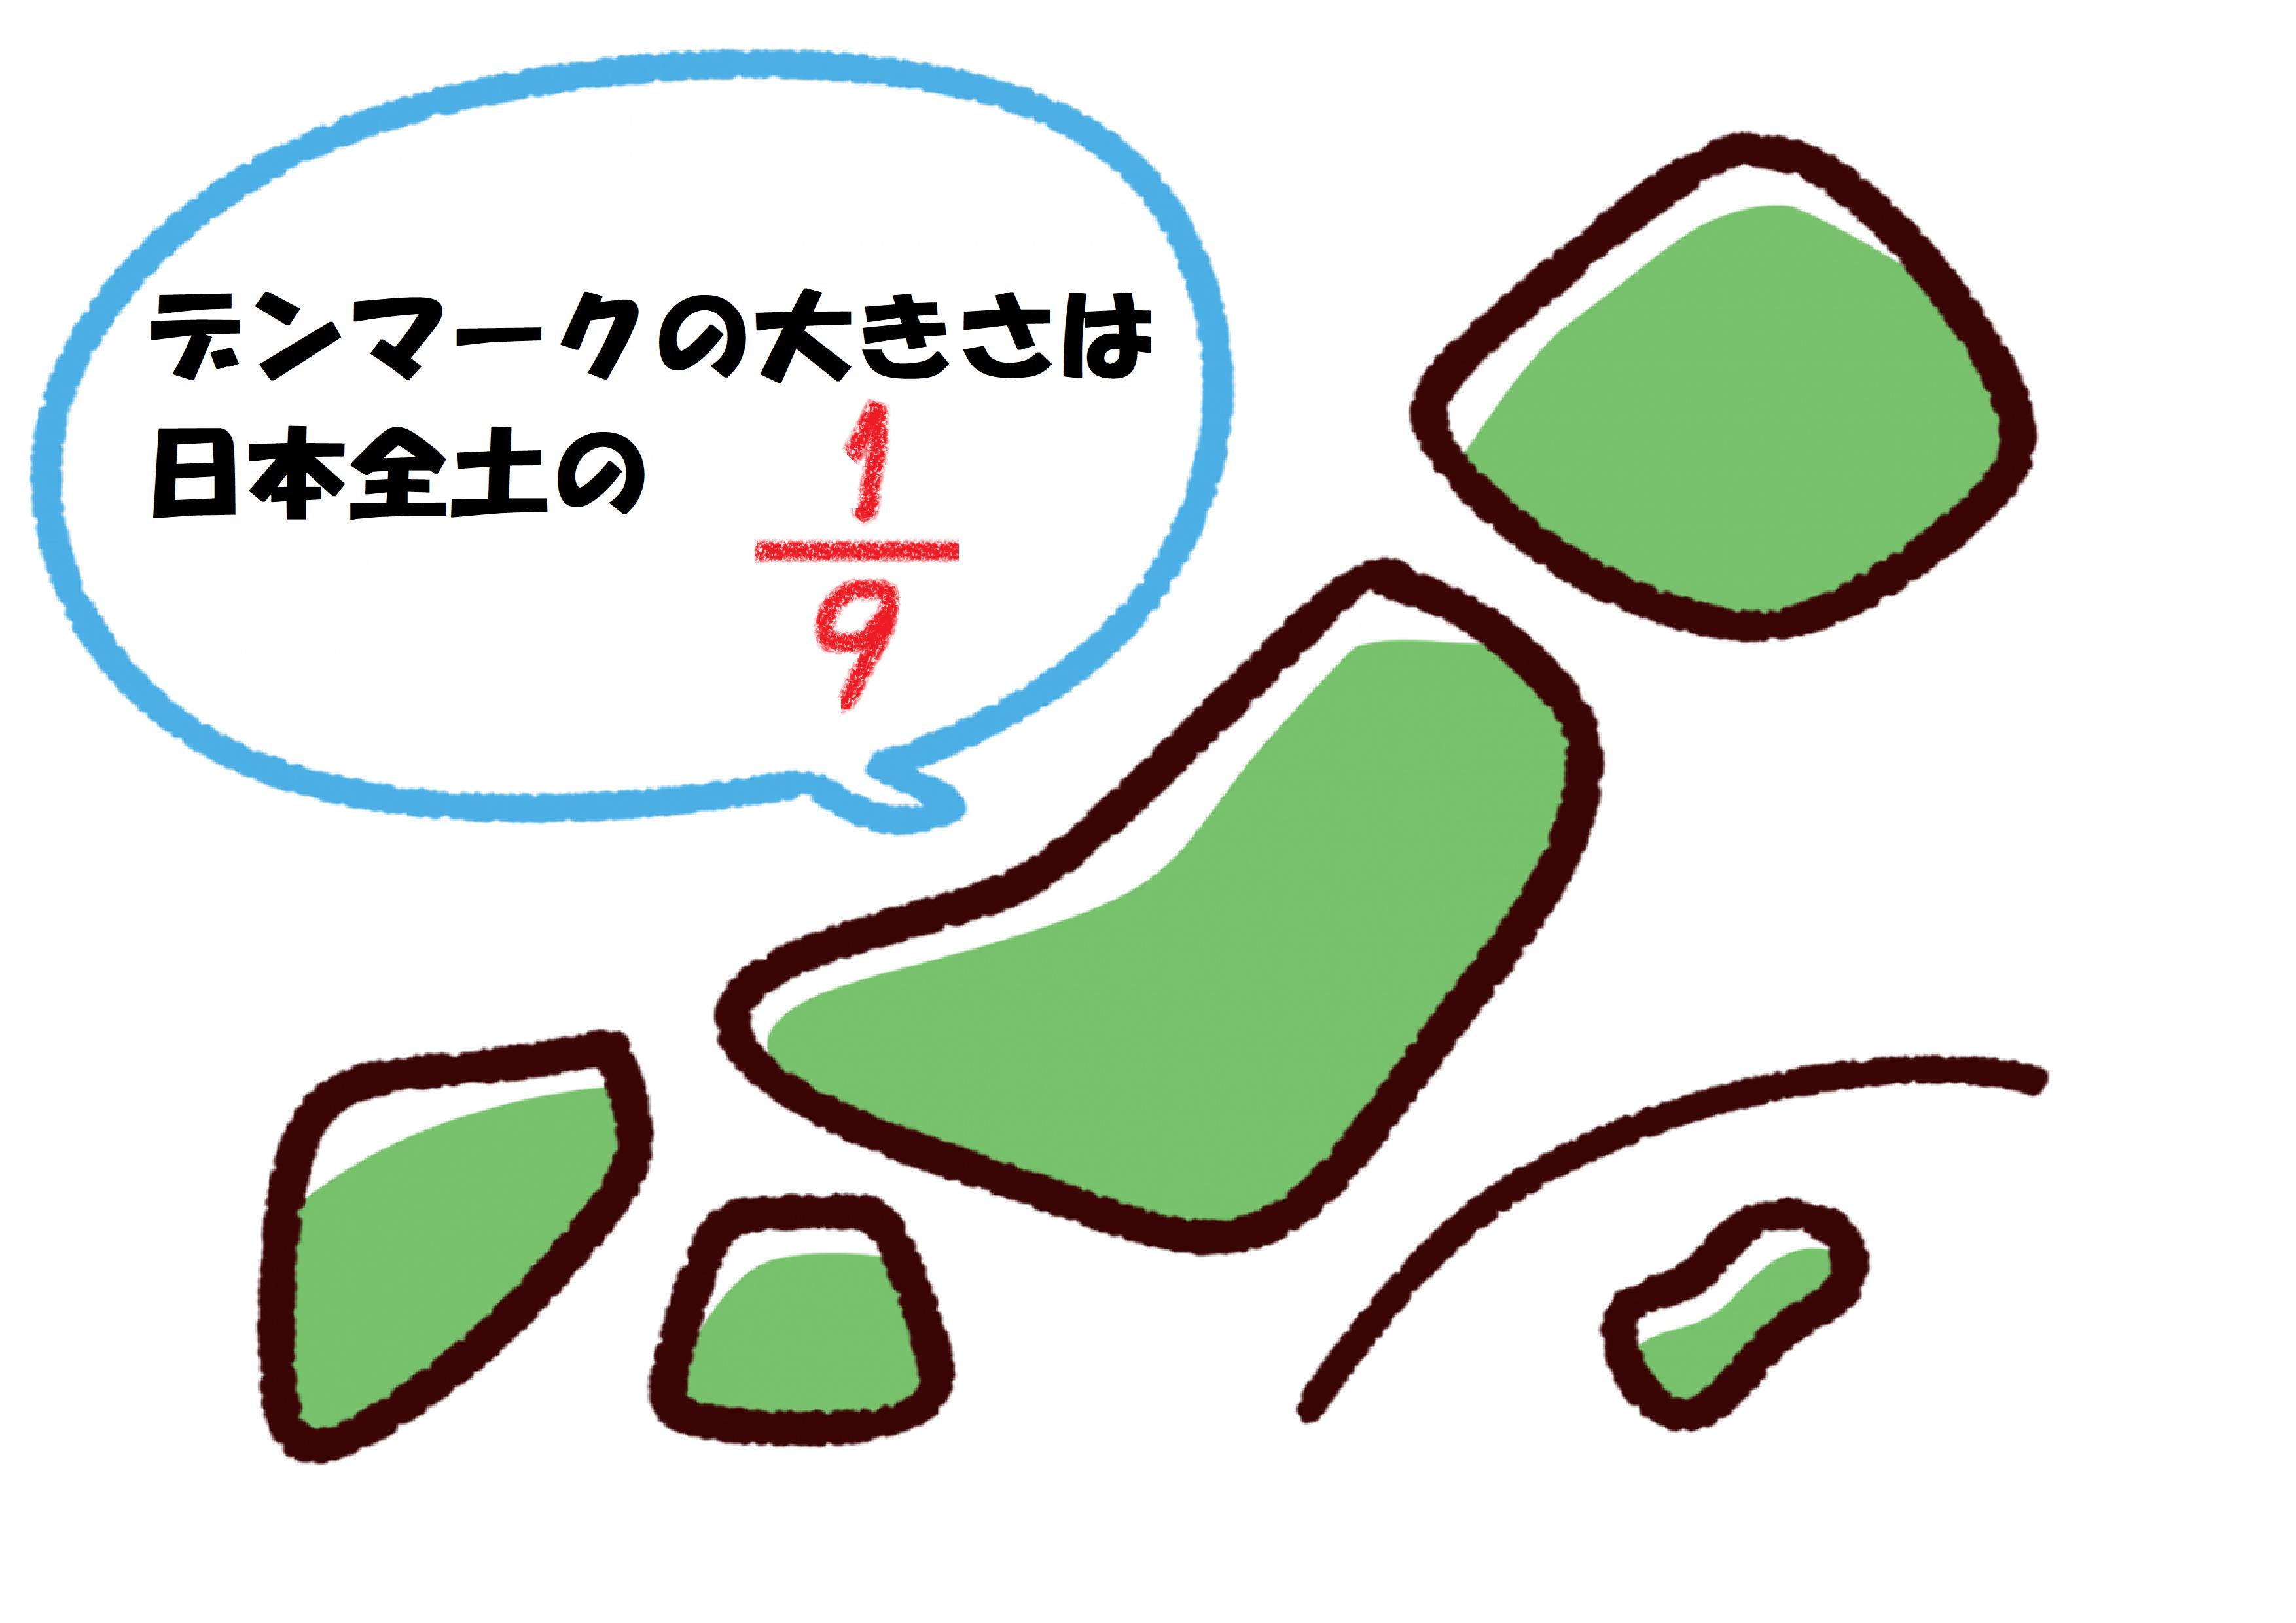 デンマークの大きさは日本全土の1/9